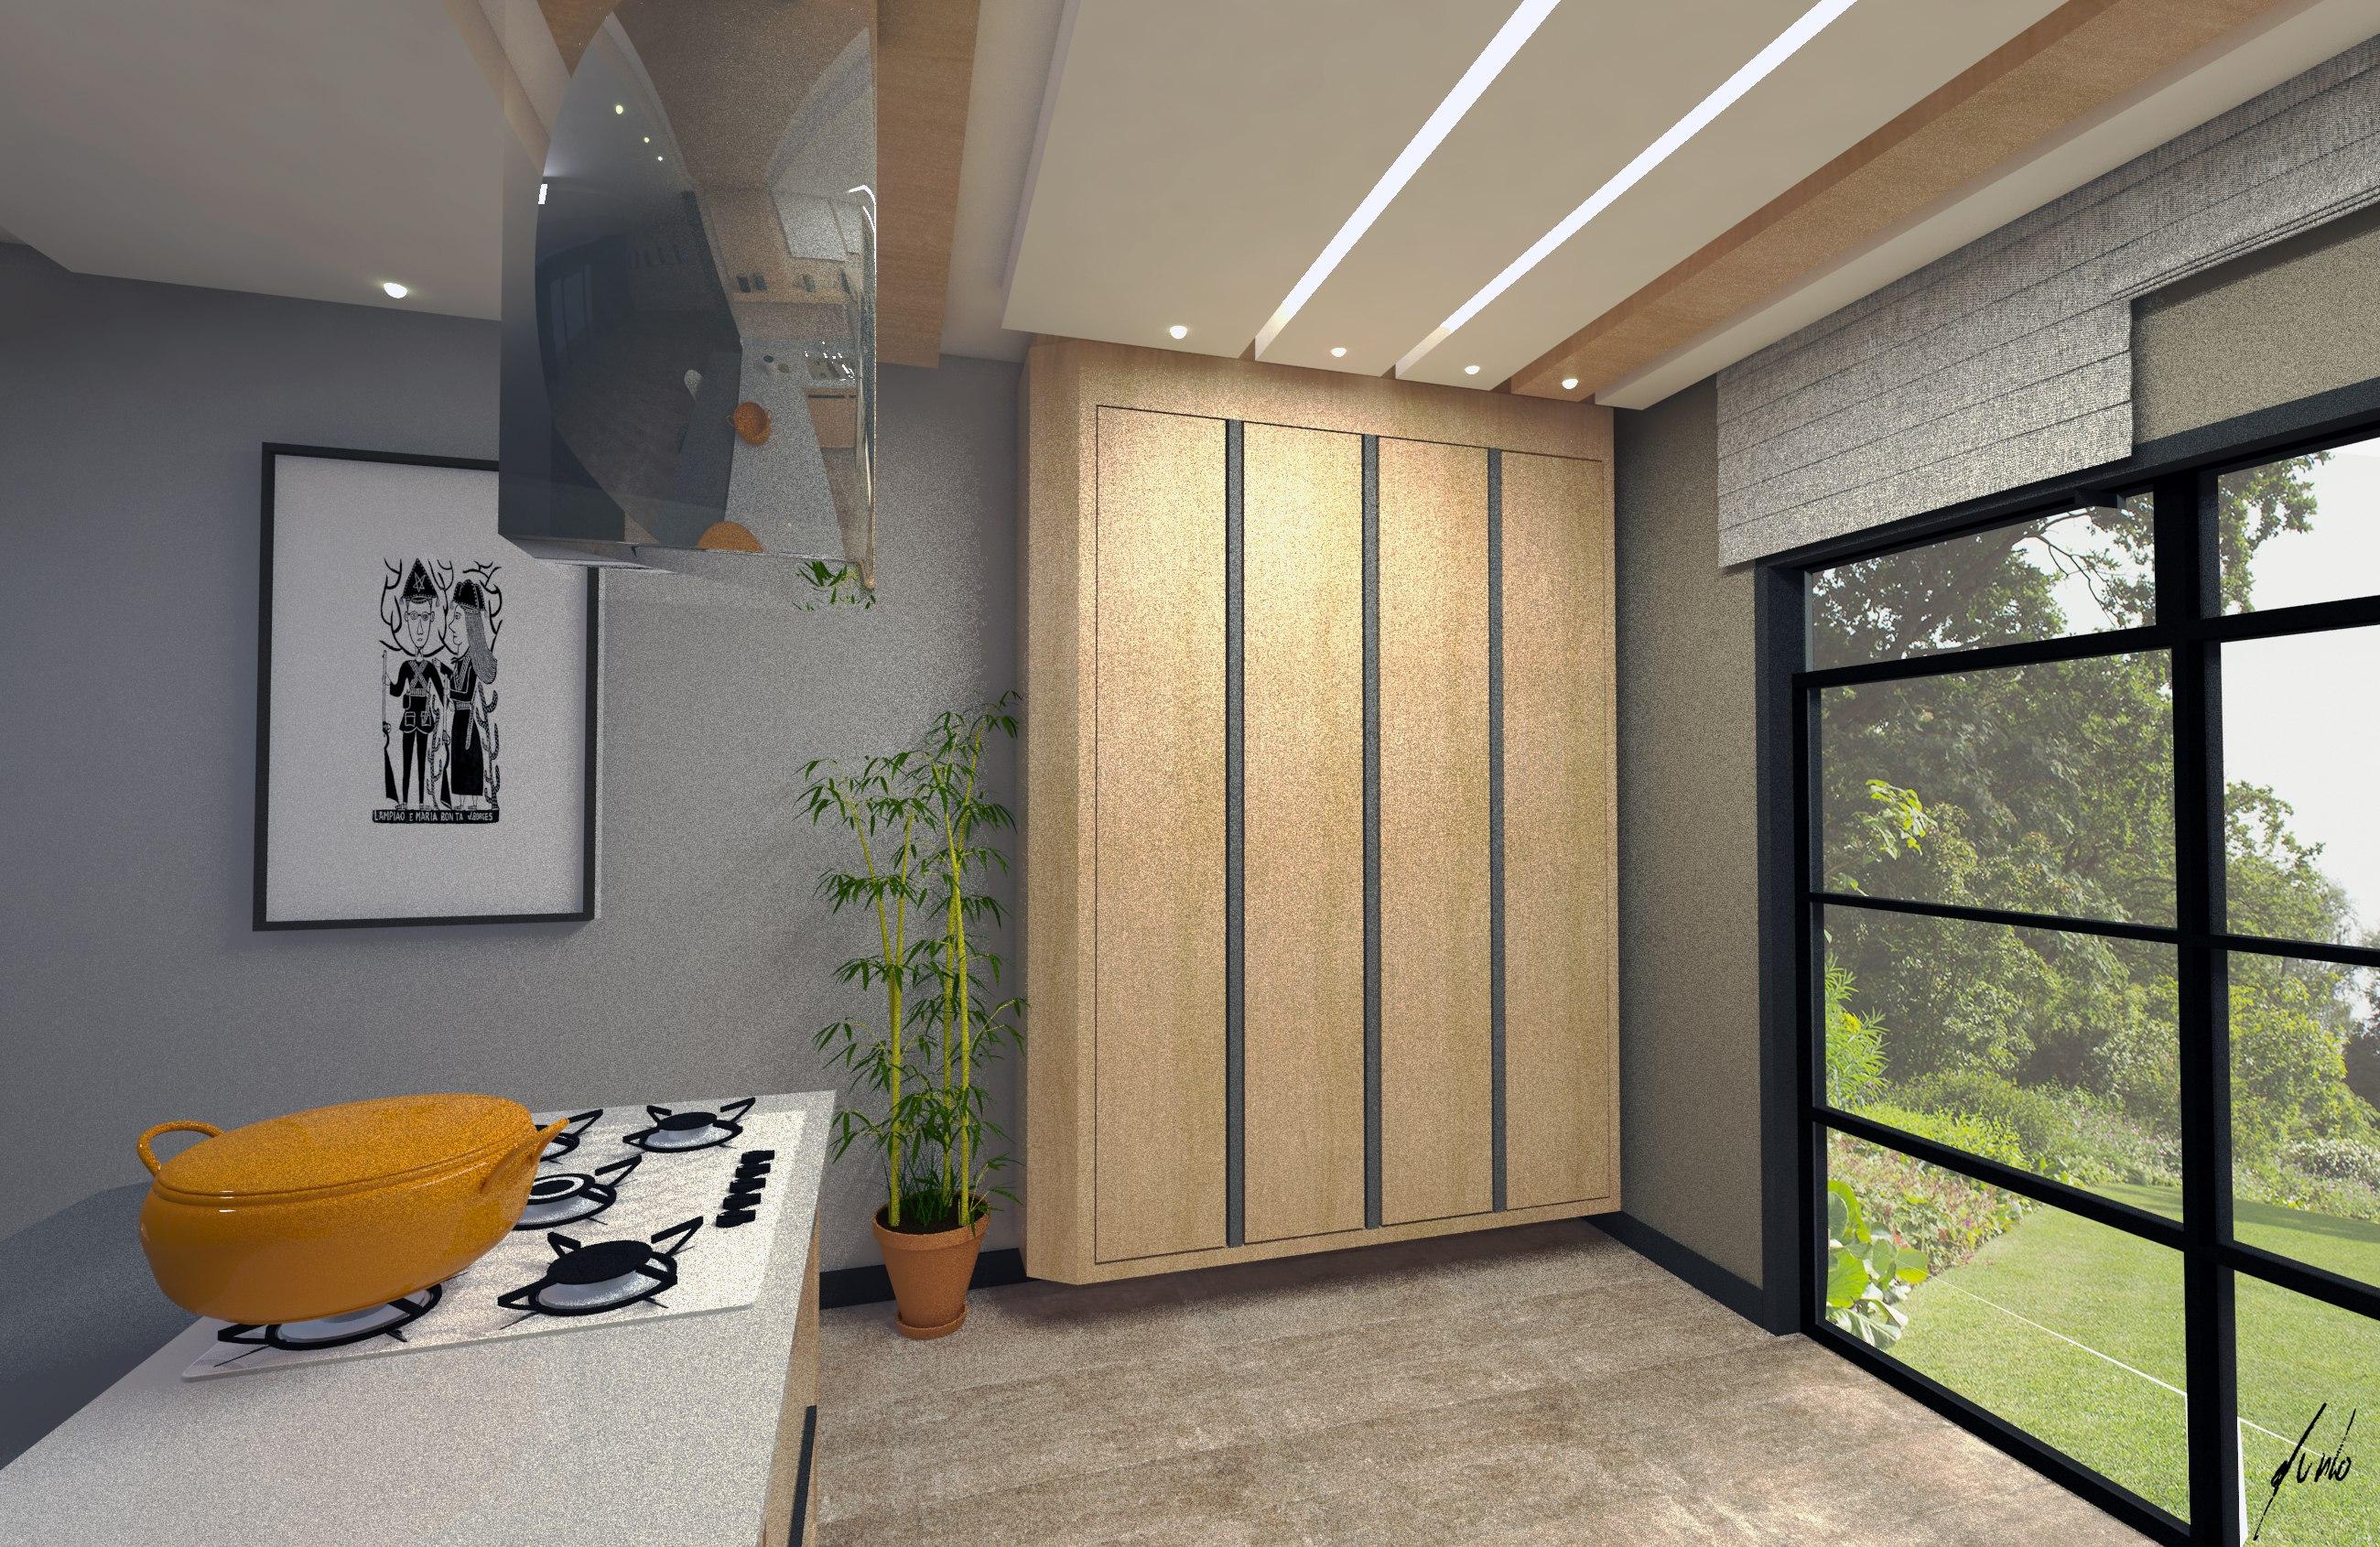 Design de interiores quanto custa um projeto?